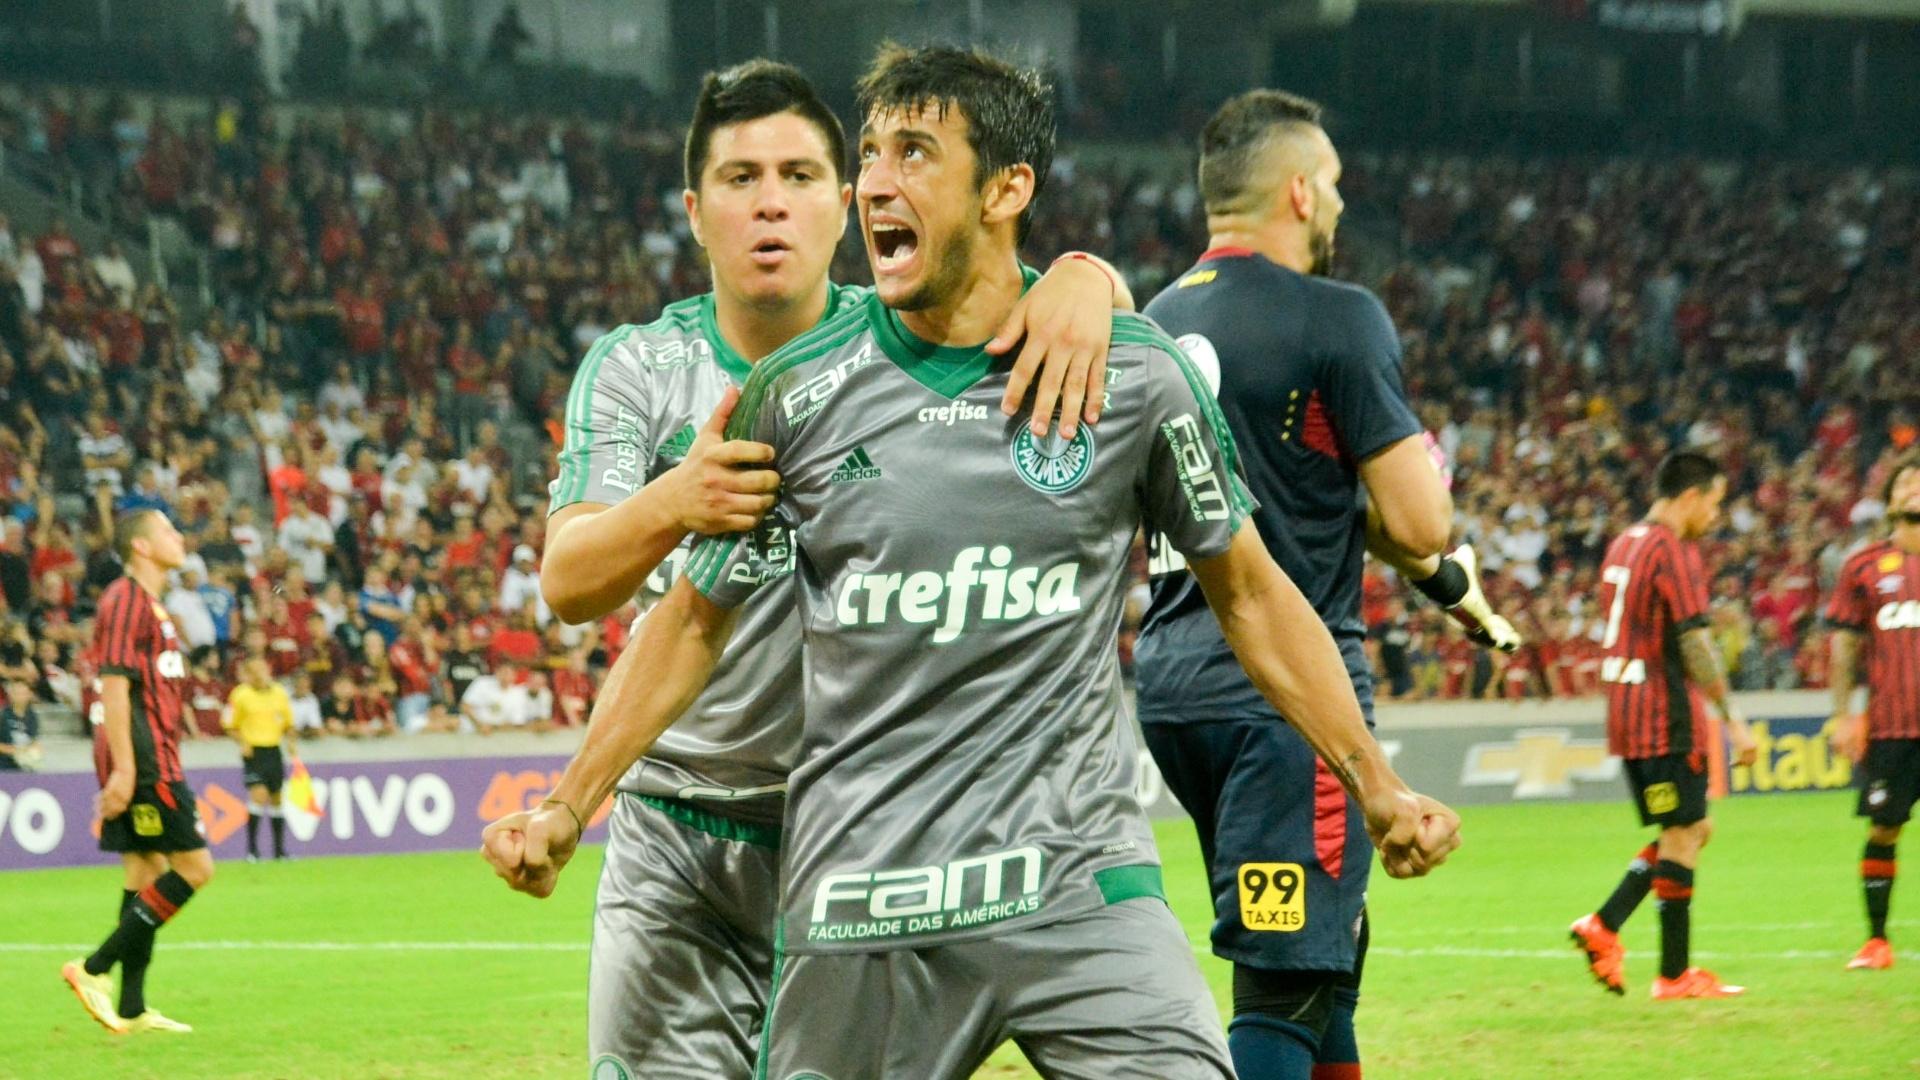 Robinho comemora o seu gol pelo Palmeiras contra o Atlético-PR, no Campeonato Brasileiro